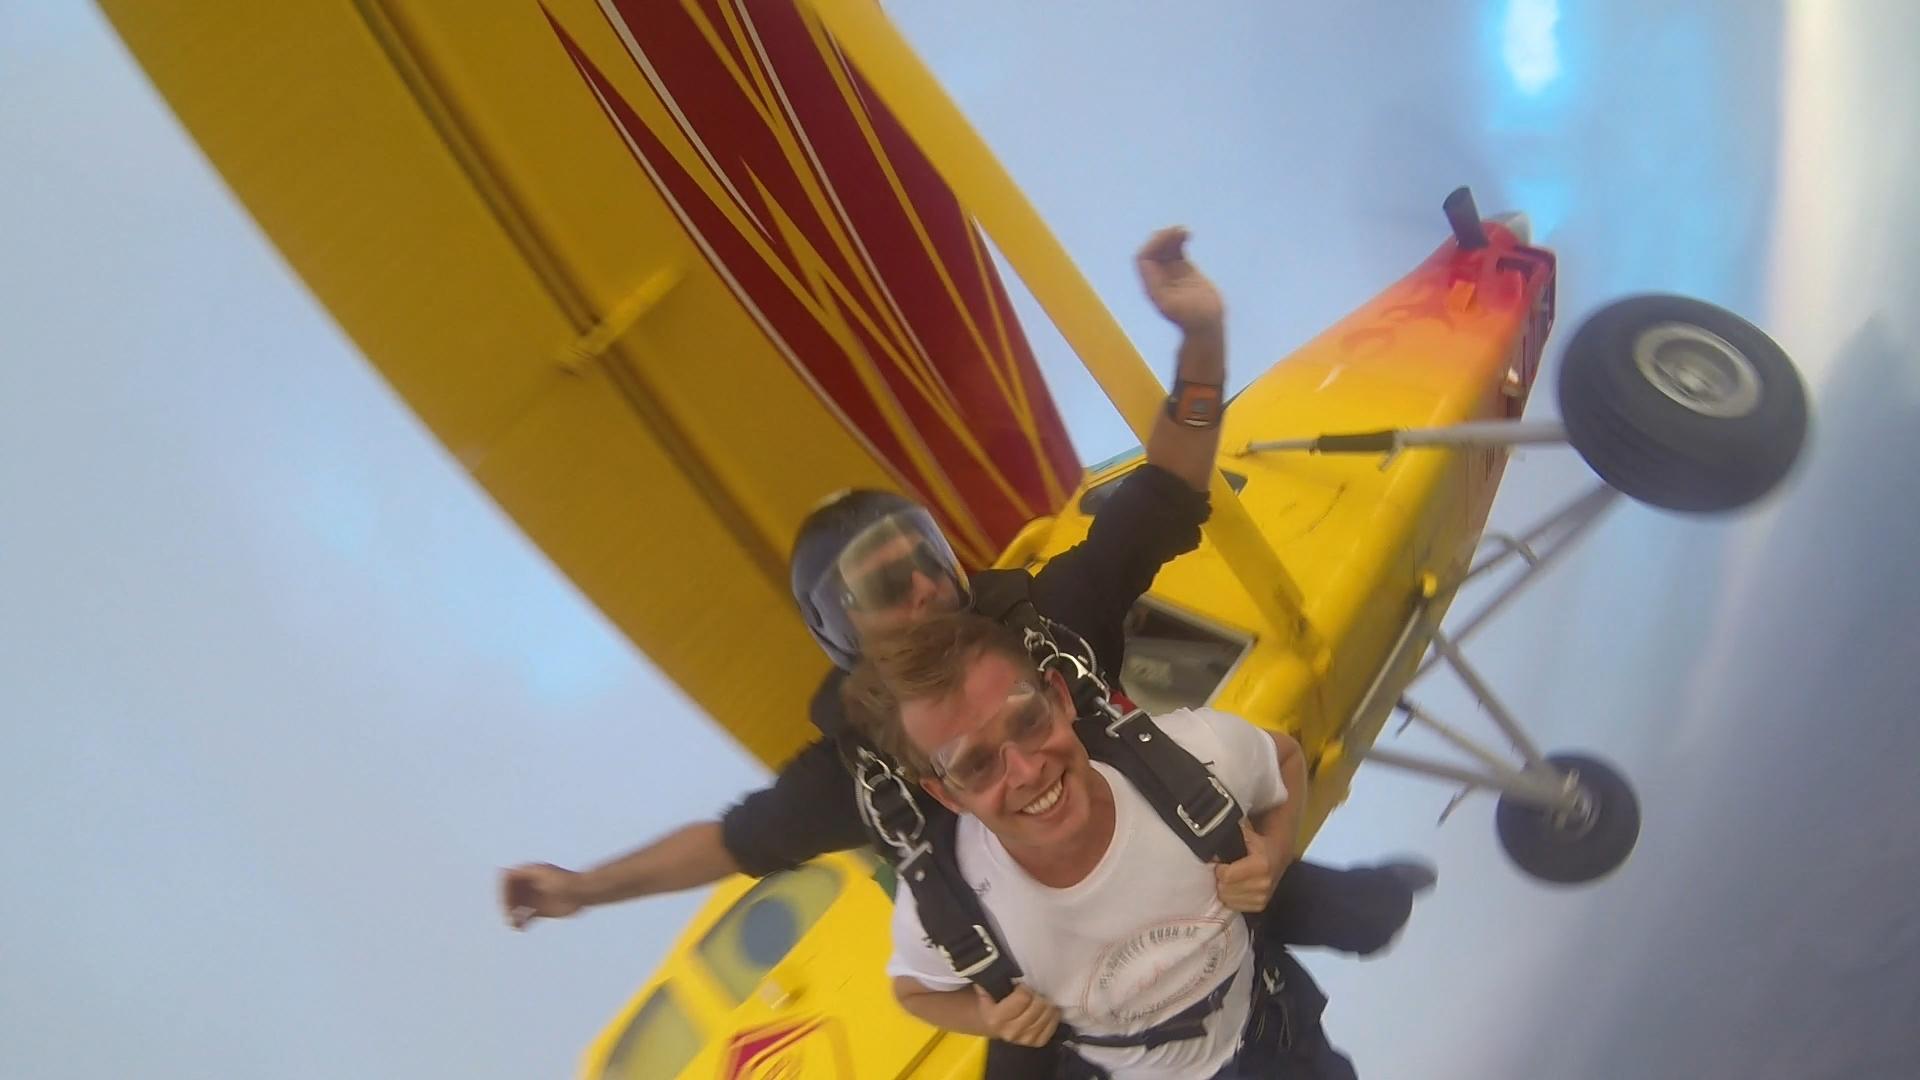 Skydiving in Jordan at the Dead Sea